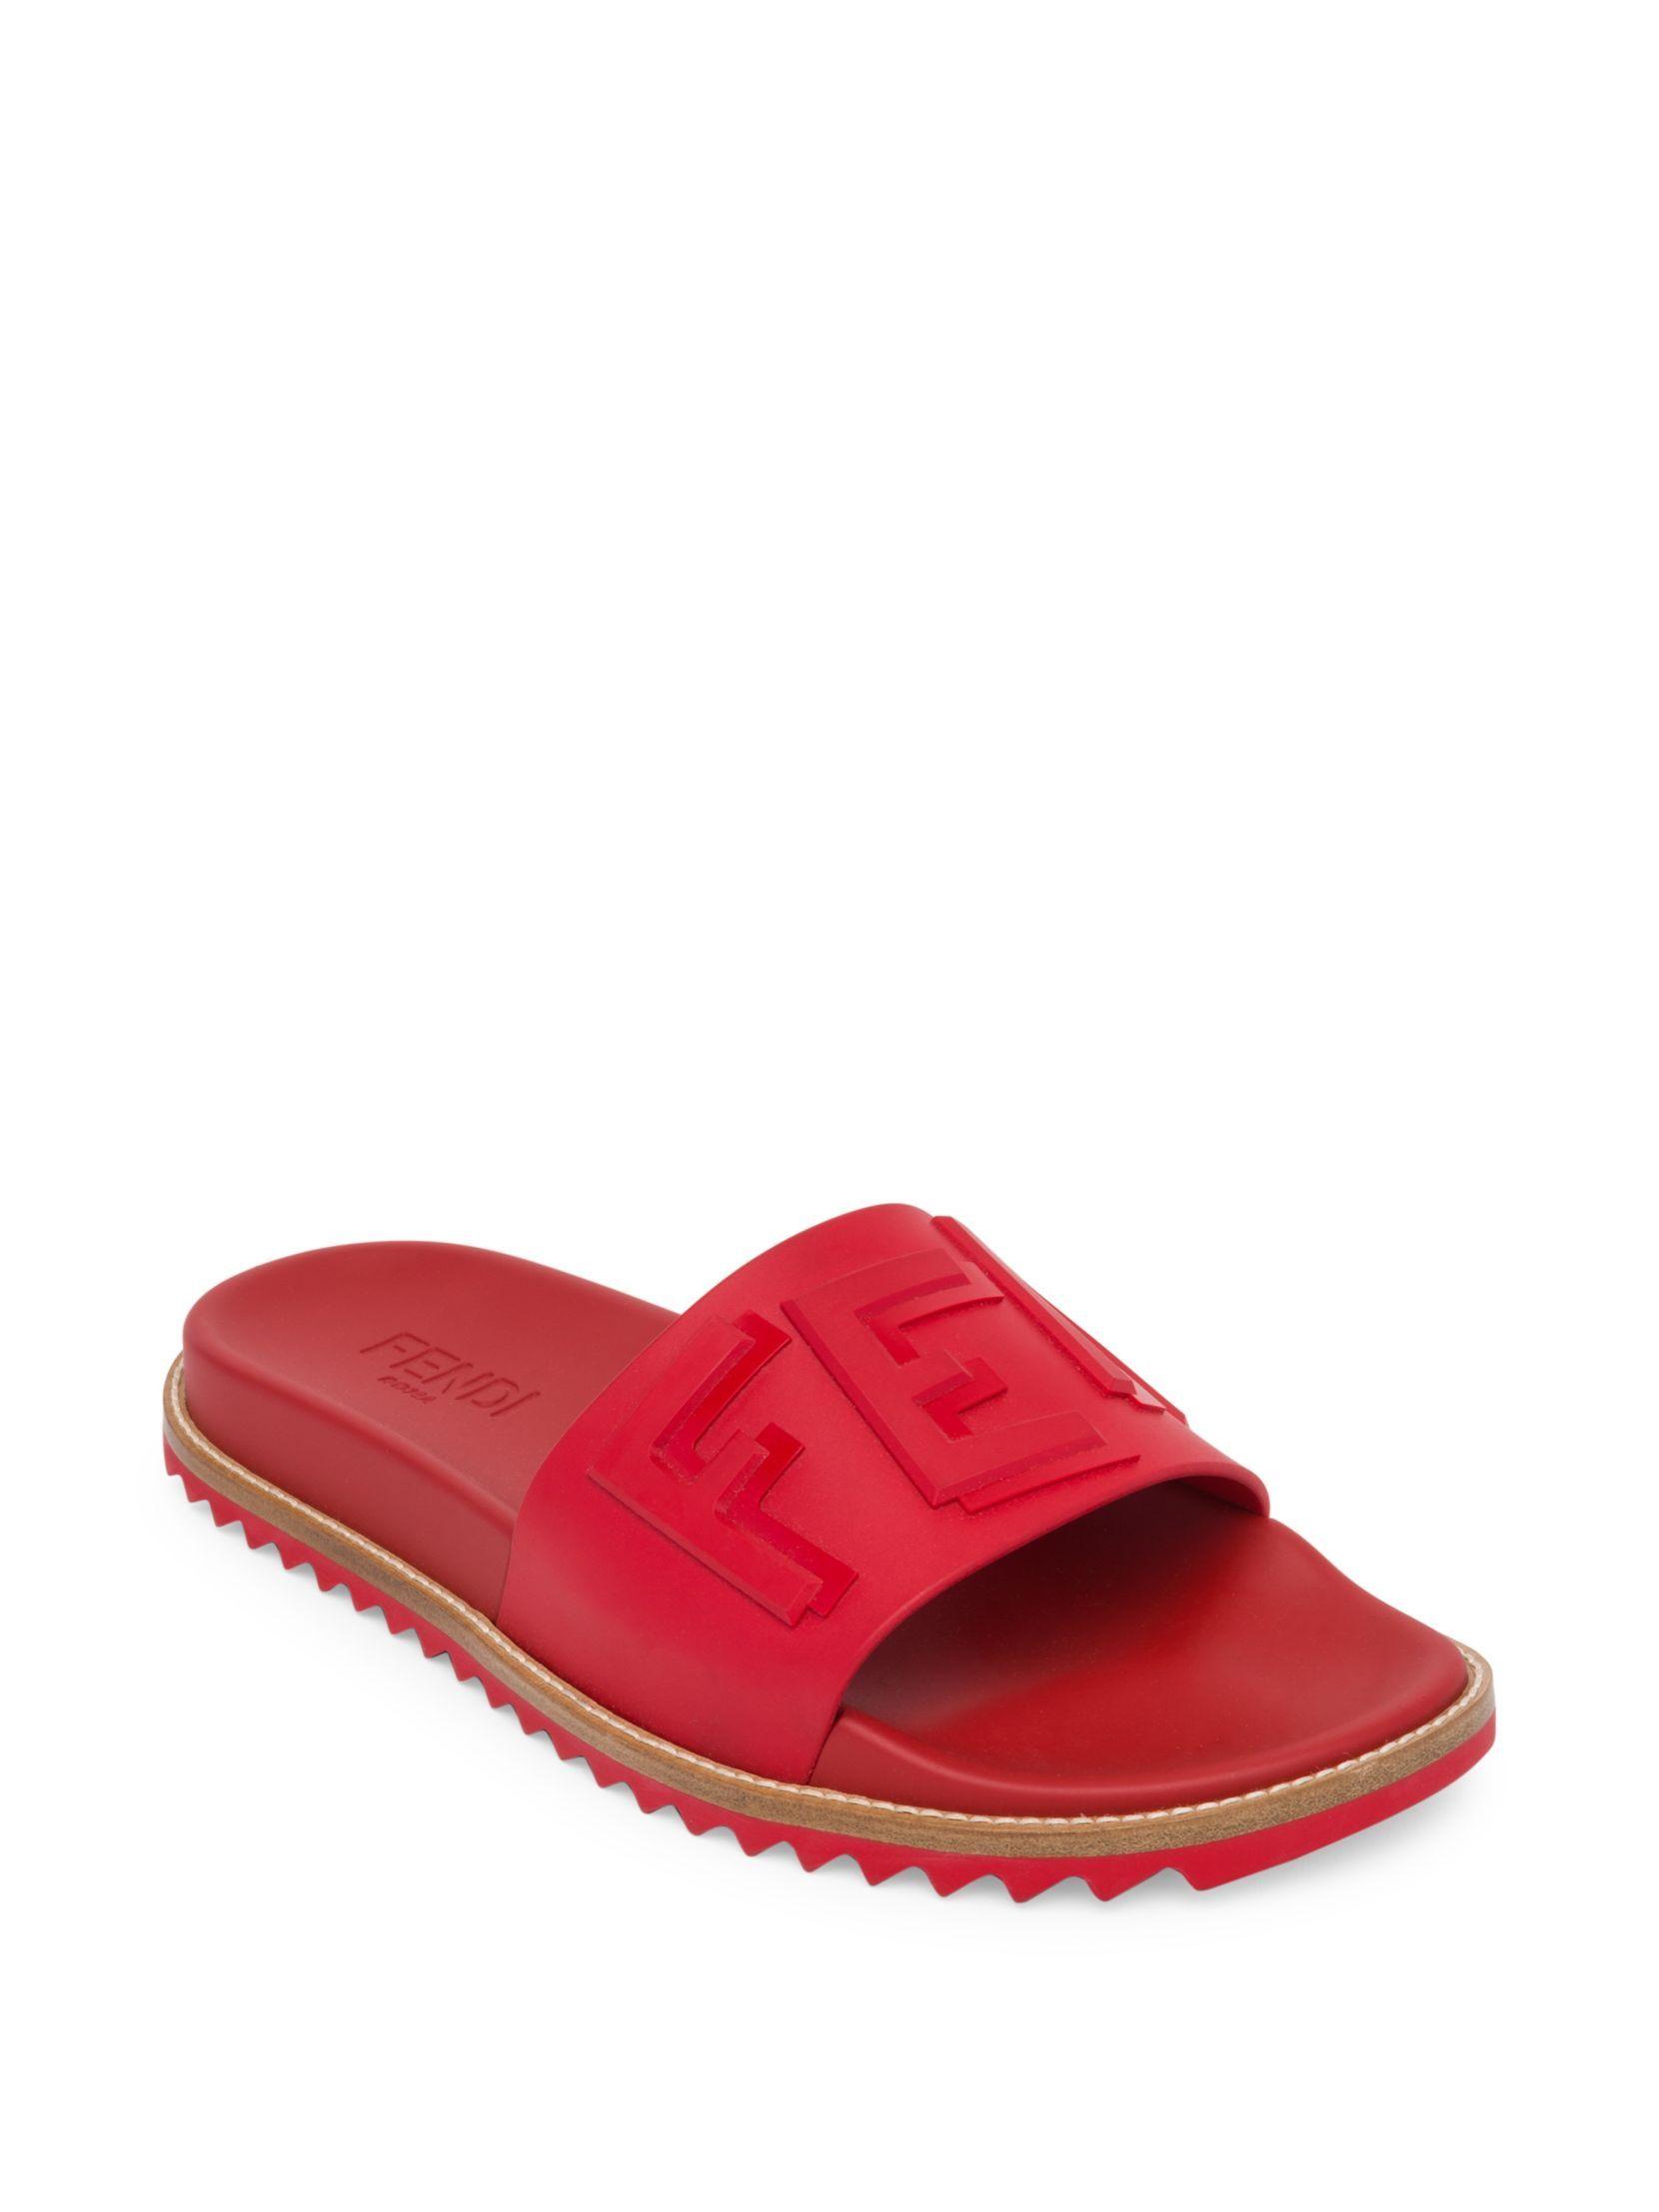 Fendi Red 'Fendi Vocabulary' Sandals AewmcDZnDC